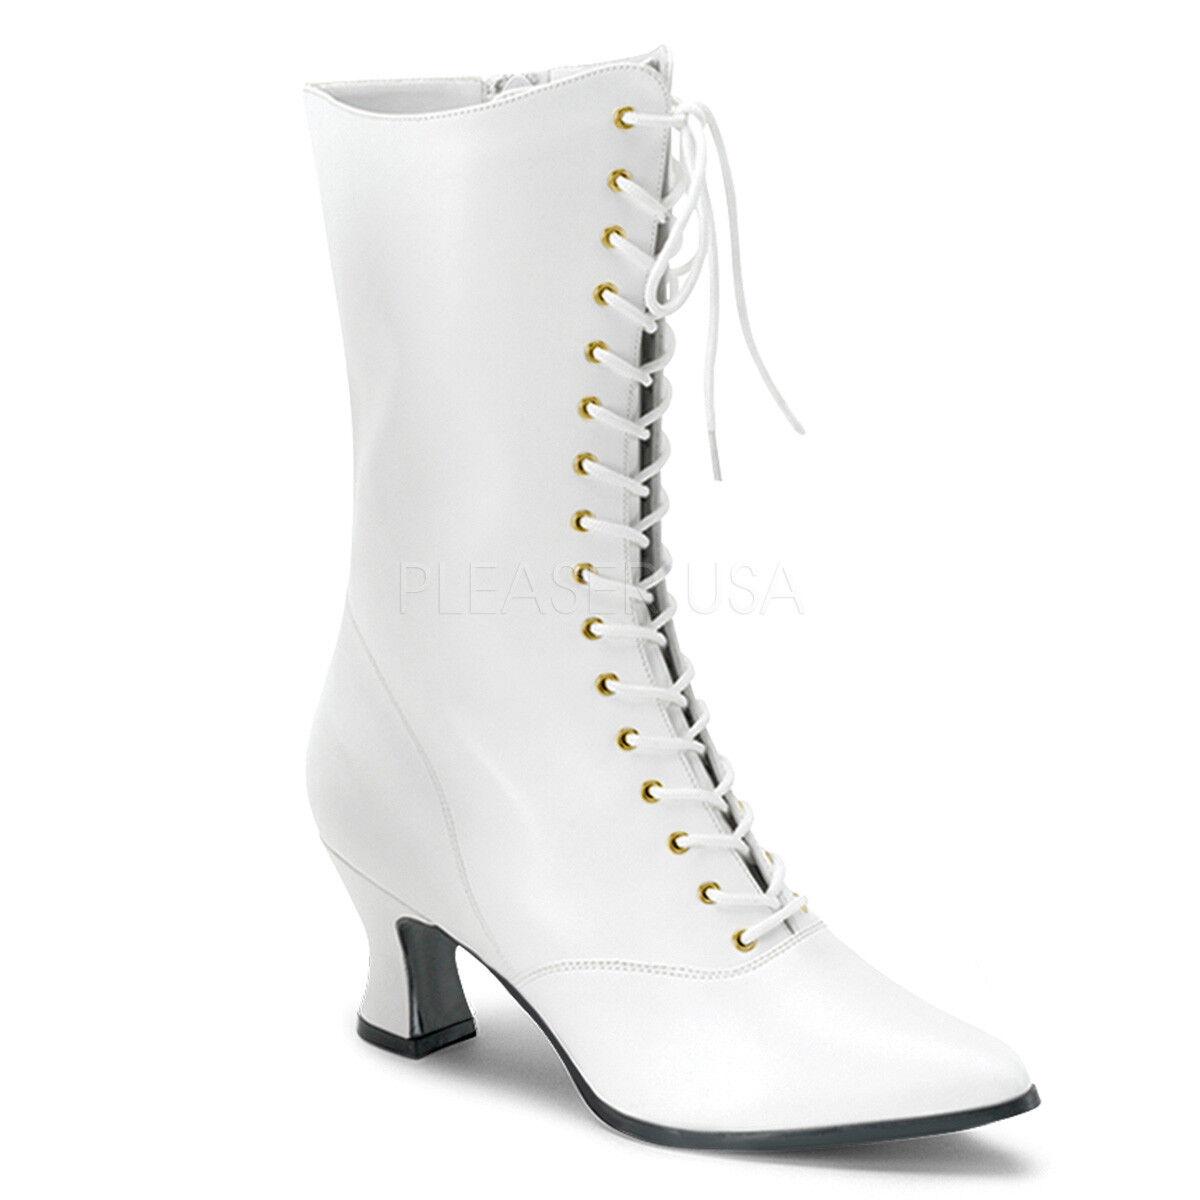 blancoo Victoriano Eduardiano Steampunk Boda Abuela botas Con Con Con Cordones Talla 9 10 11 12  marcas de diseñadores baratos